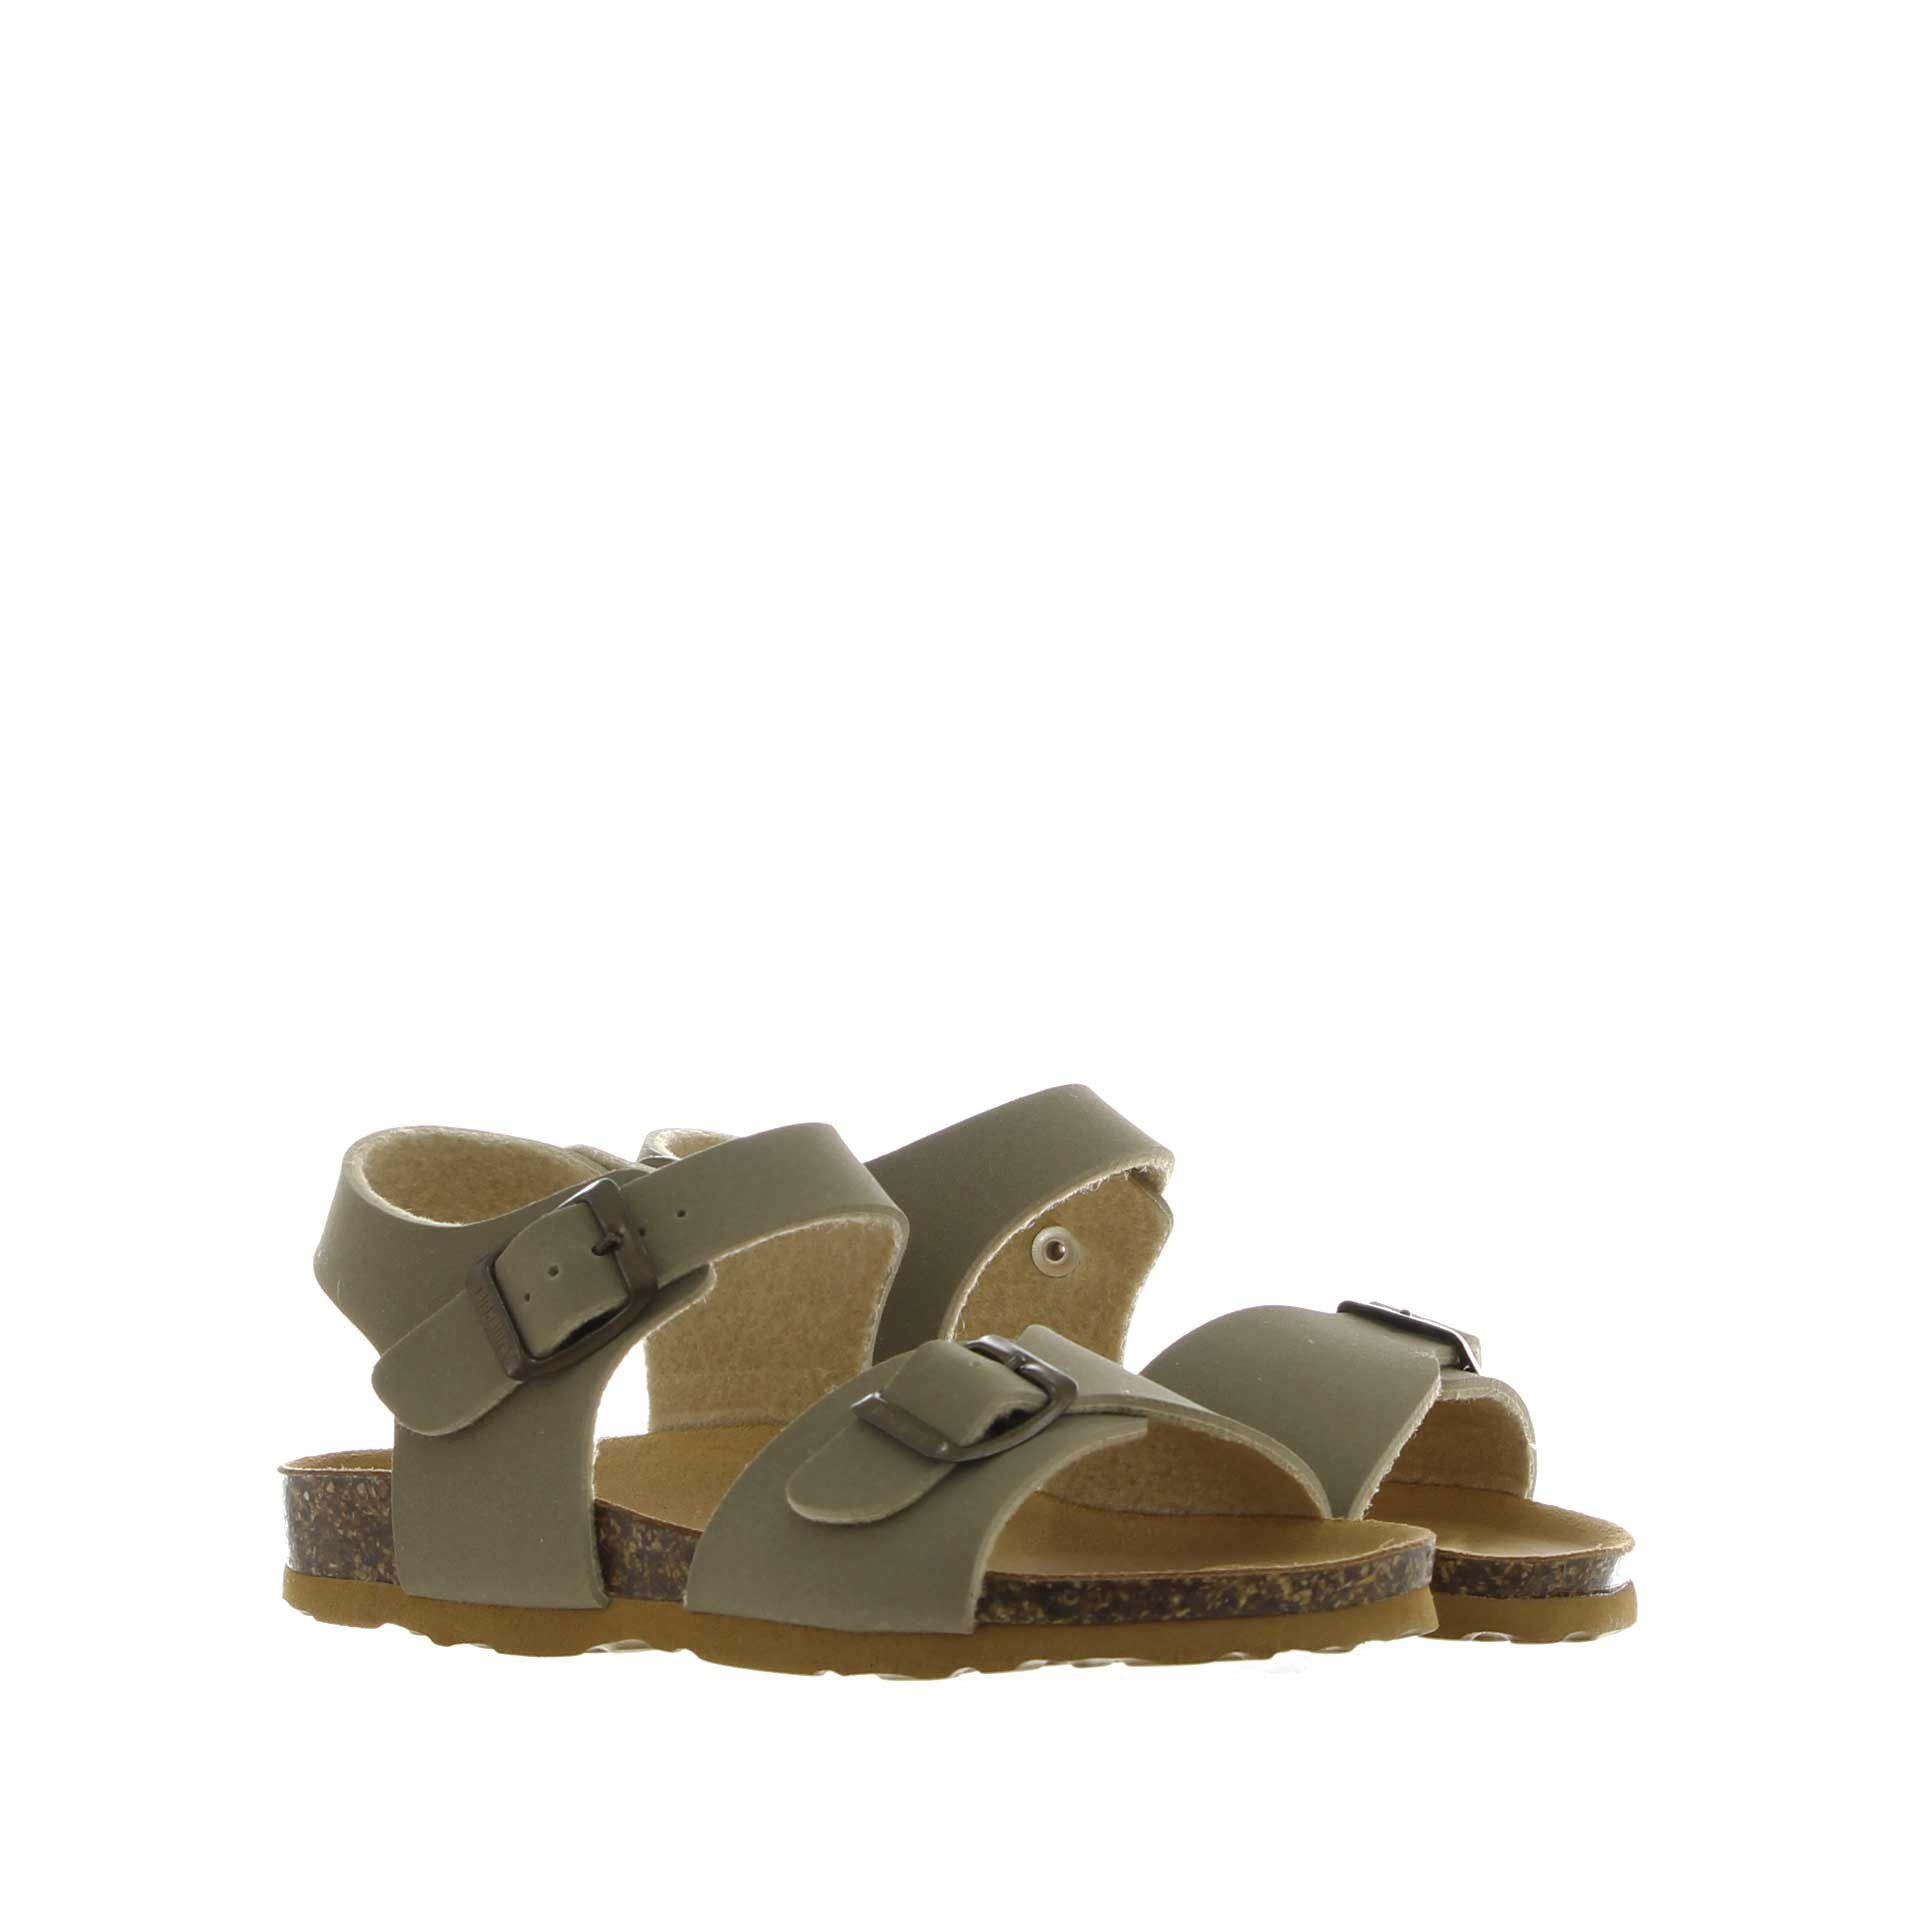 Bionatura sandalo in nabuk da bambino